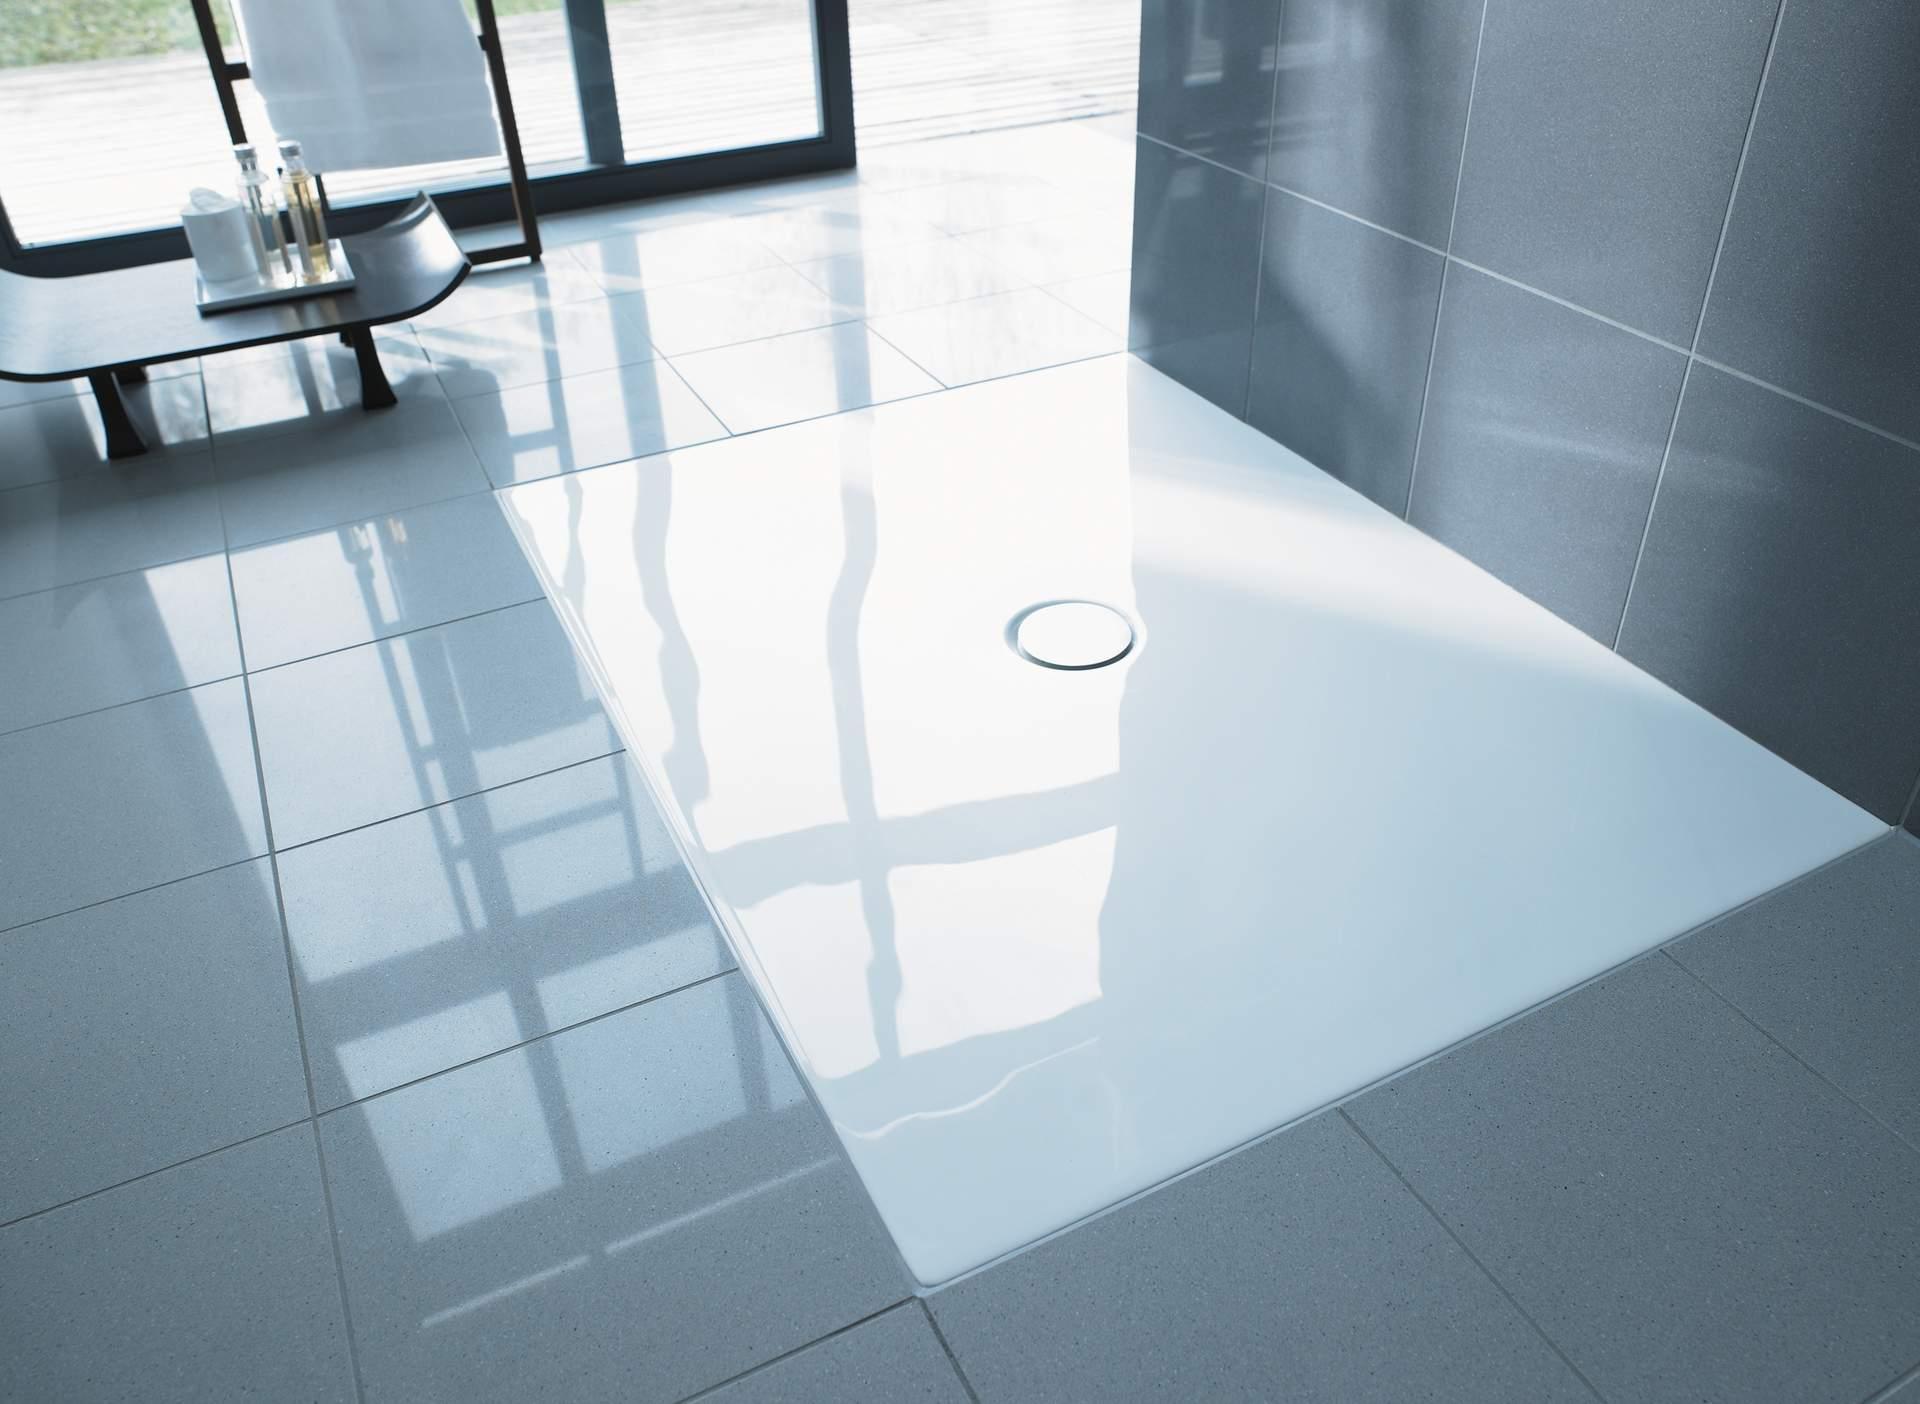 duraplan bodengleiche dusche bodenebene dusche duravit. Black Bedroom Furniture Sets. Home Design Ideas